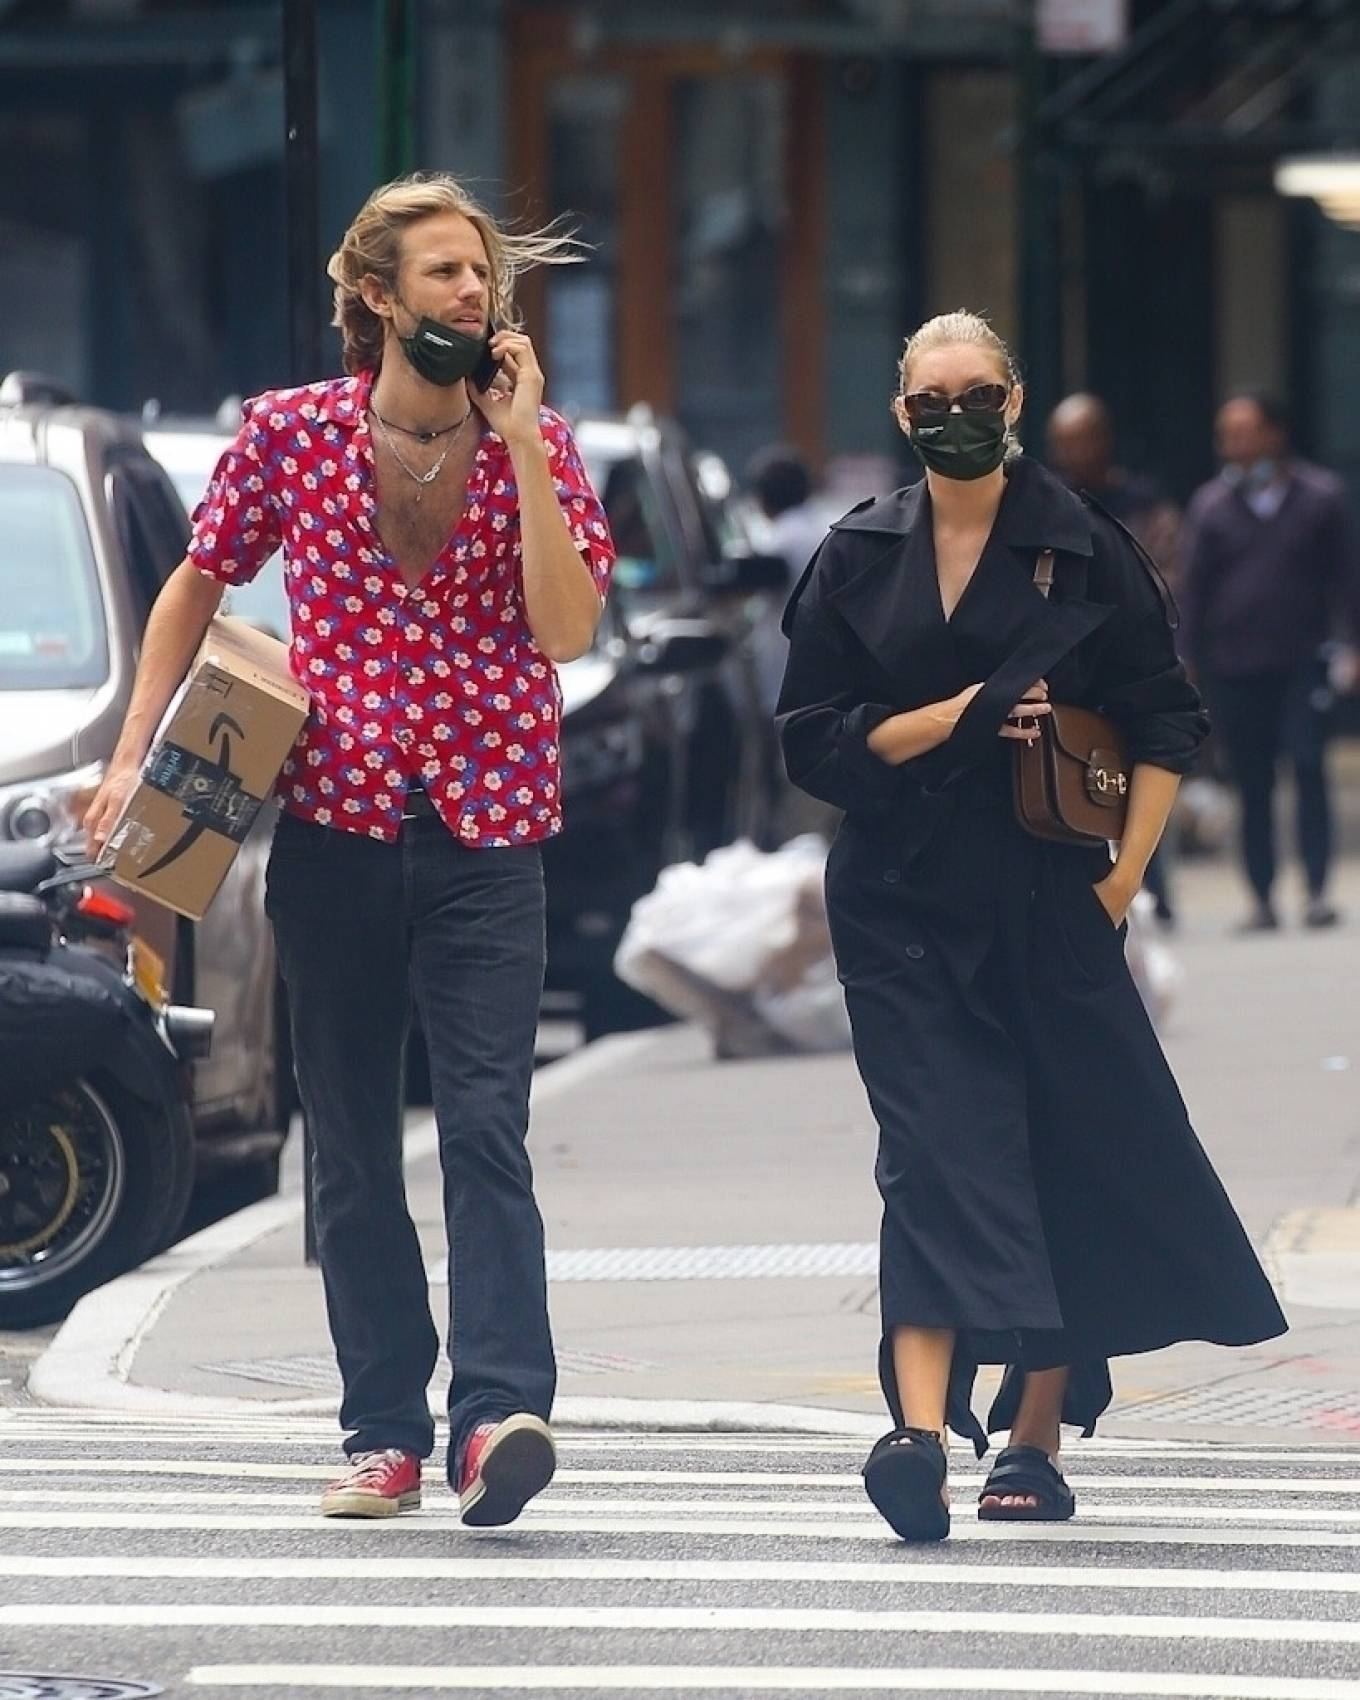 Elsa Hosk 2020 : Elsa Hosk with her boyfriend in New York City-18